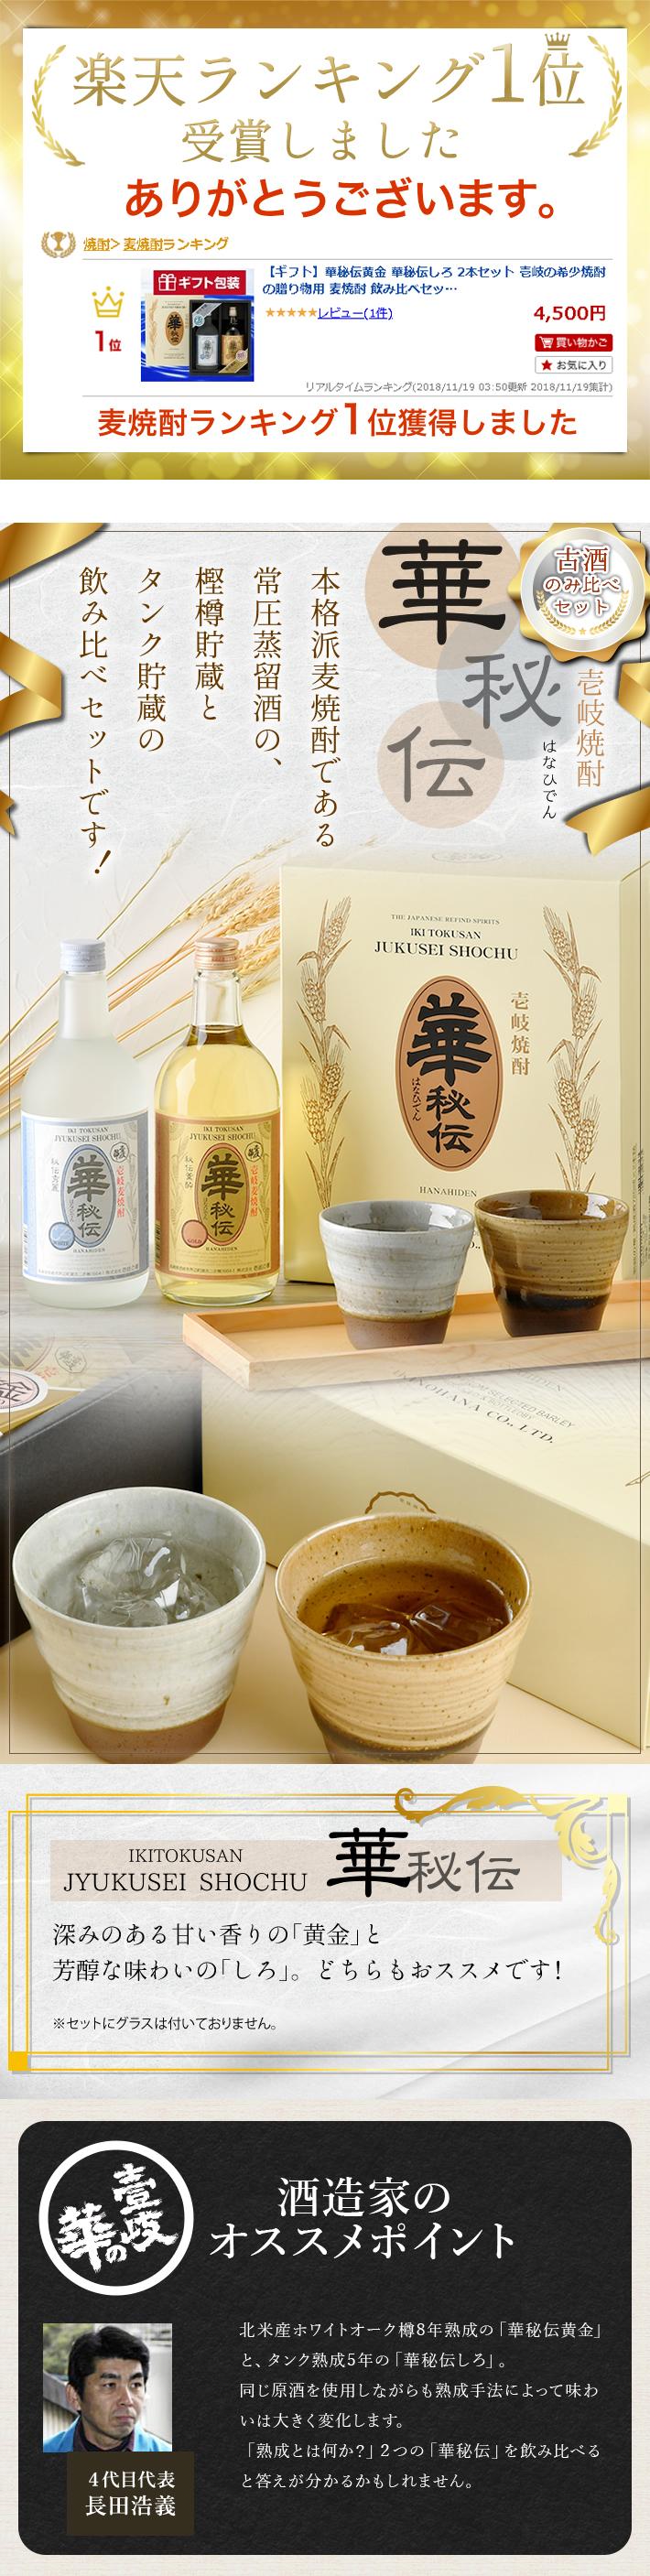 壱岐焼酎 華秘伝 古酒のみ比べ 常圧蒸留酒 樫樽貯蔵とタンク貯蔵の飲み比べセットです